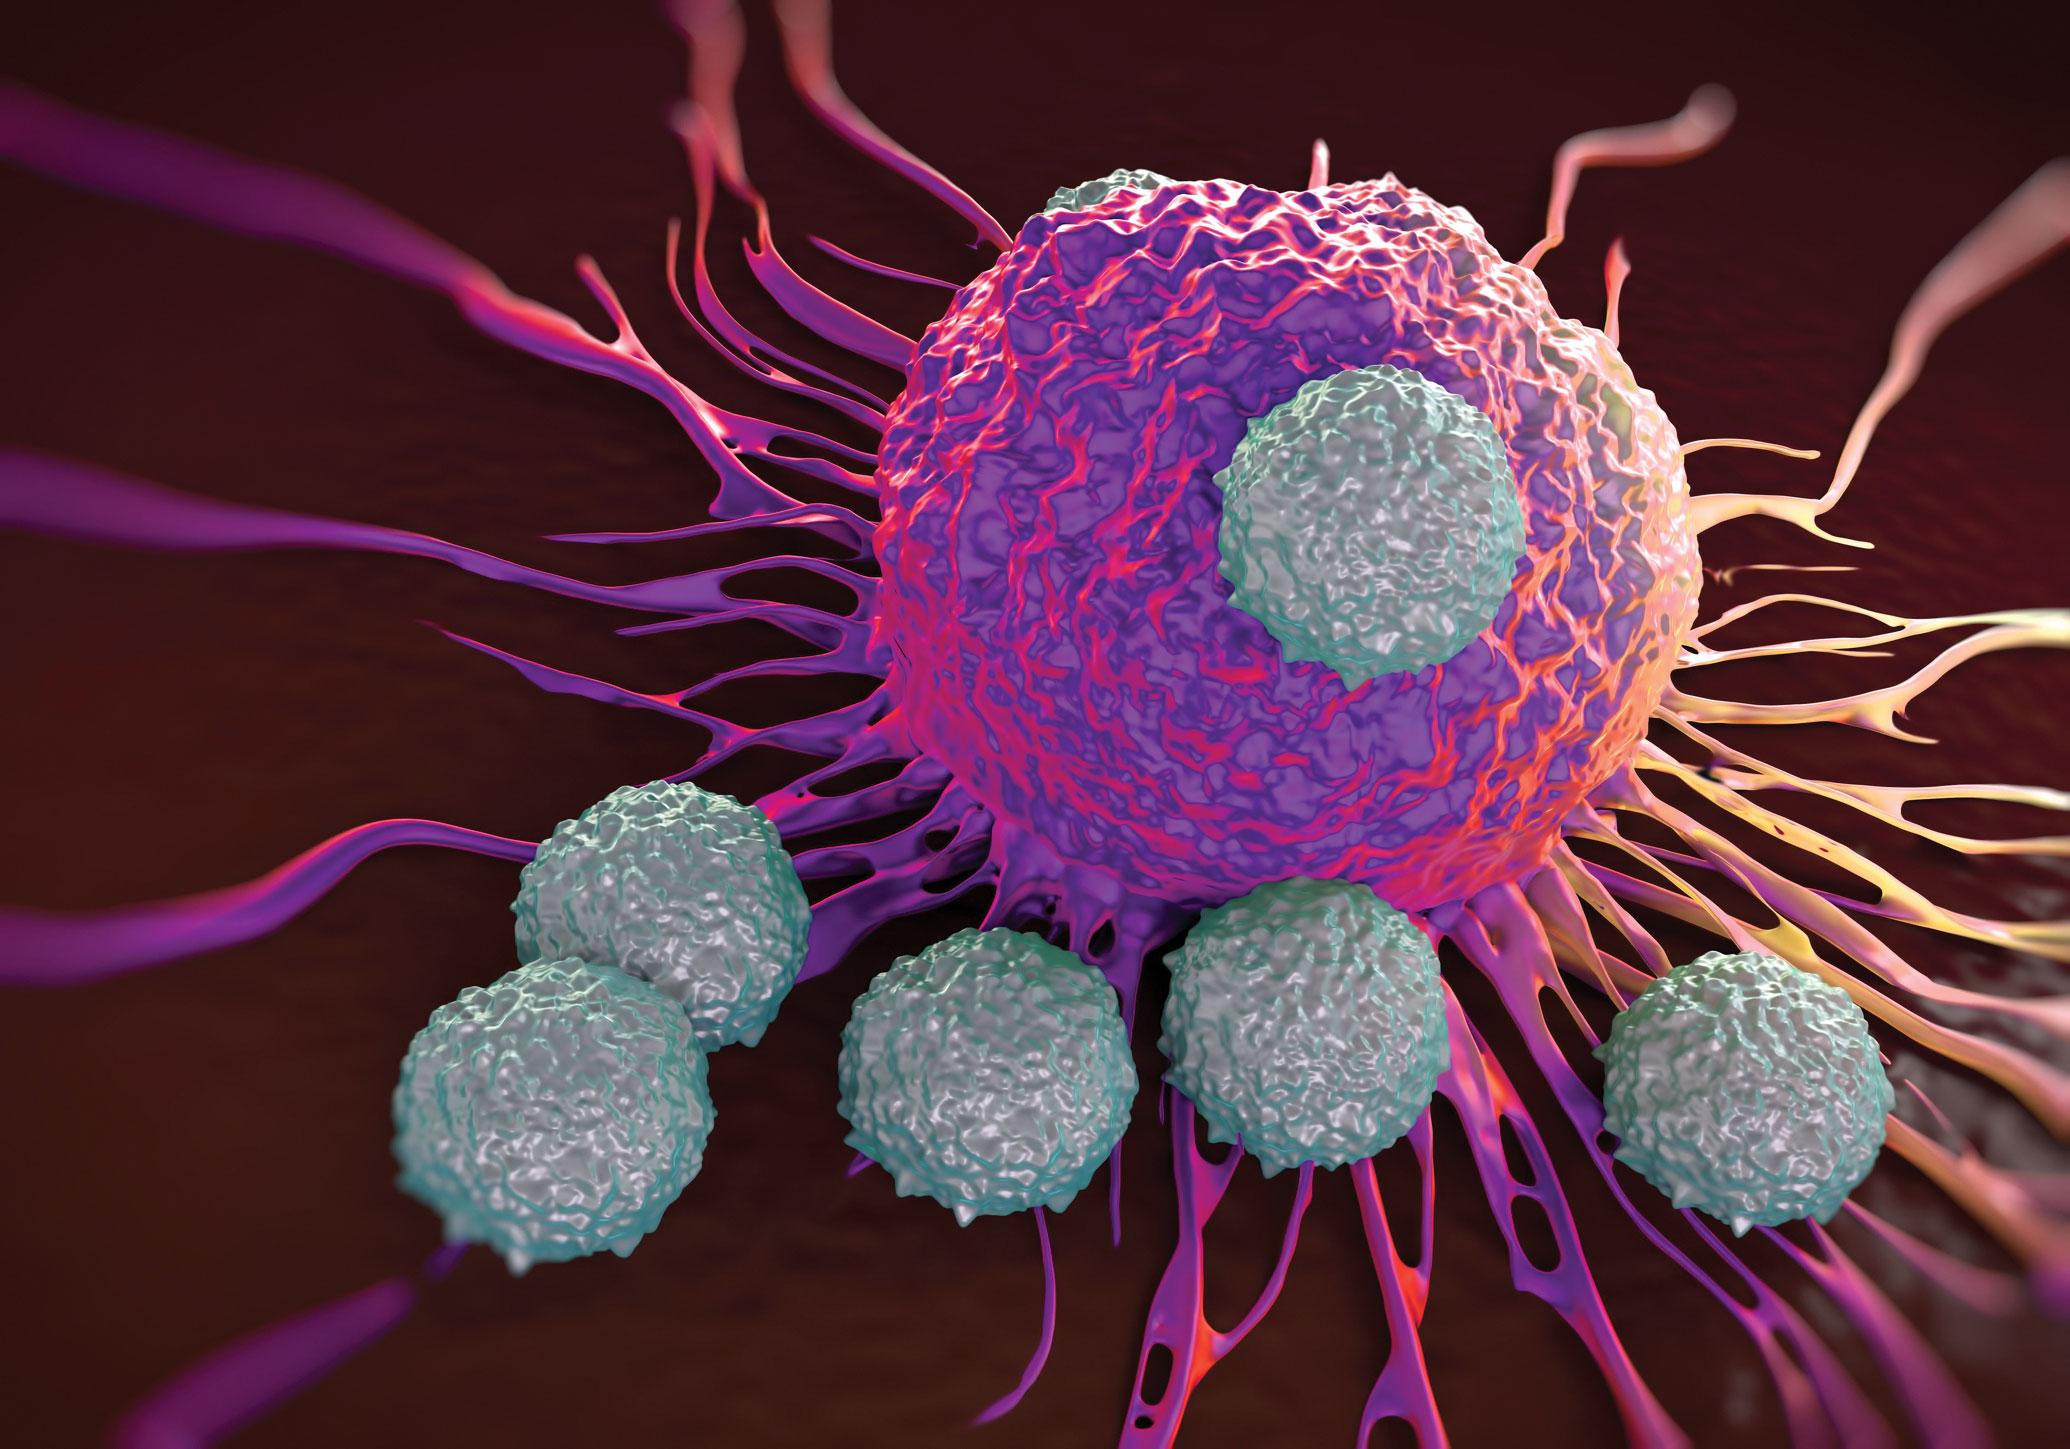 سرطان و عوارض ناشی از آن را با ورزش به زانو در آورید / برنامه ورزشی برای مبتلایان به سرطان